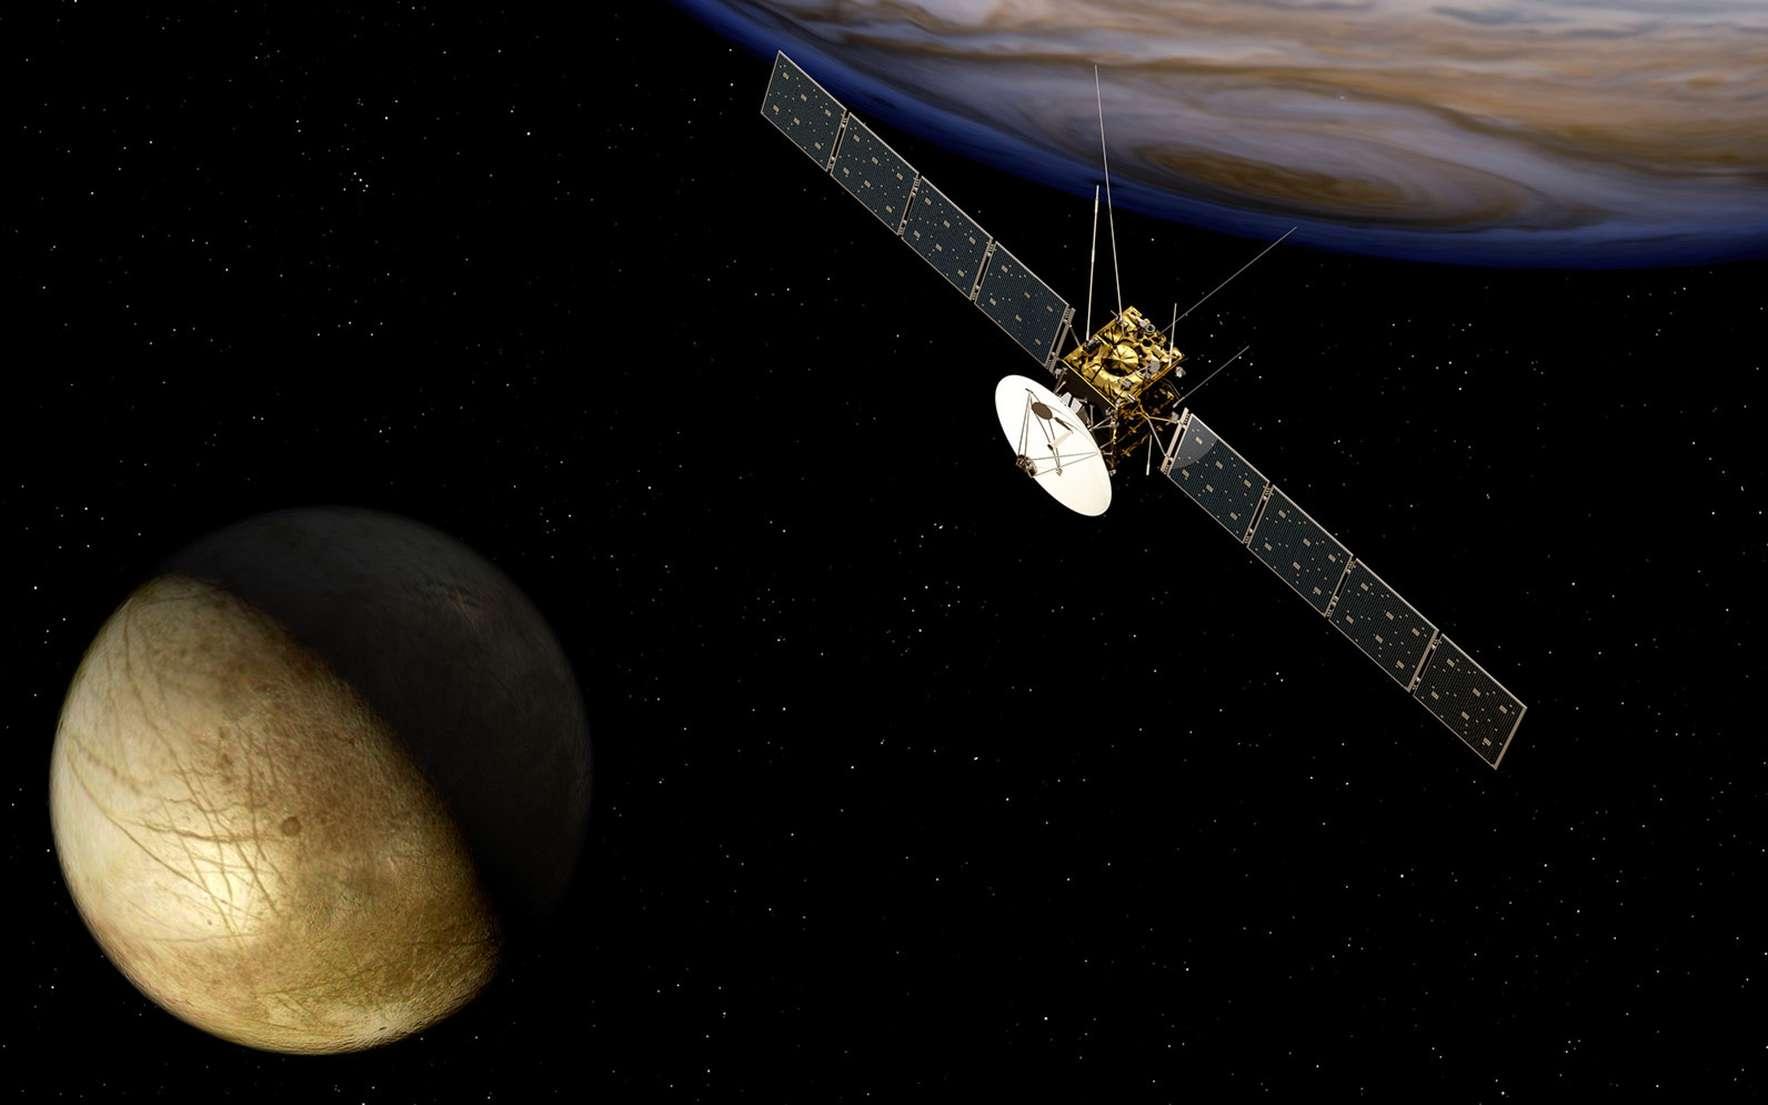 Après Cassini, nous visiterons les lunes glacées de Jupiter. Prévue au lancement en 2022, Juice sera la première sonde de l'Agence spatiale européenne (ESA) à s'aventurer dans le système jovien pour étudier Jupiter et trois de ses lunes. © ESA, AEOS